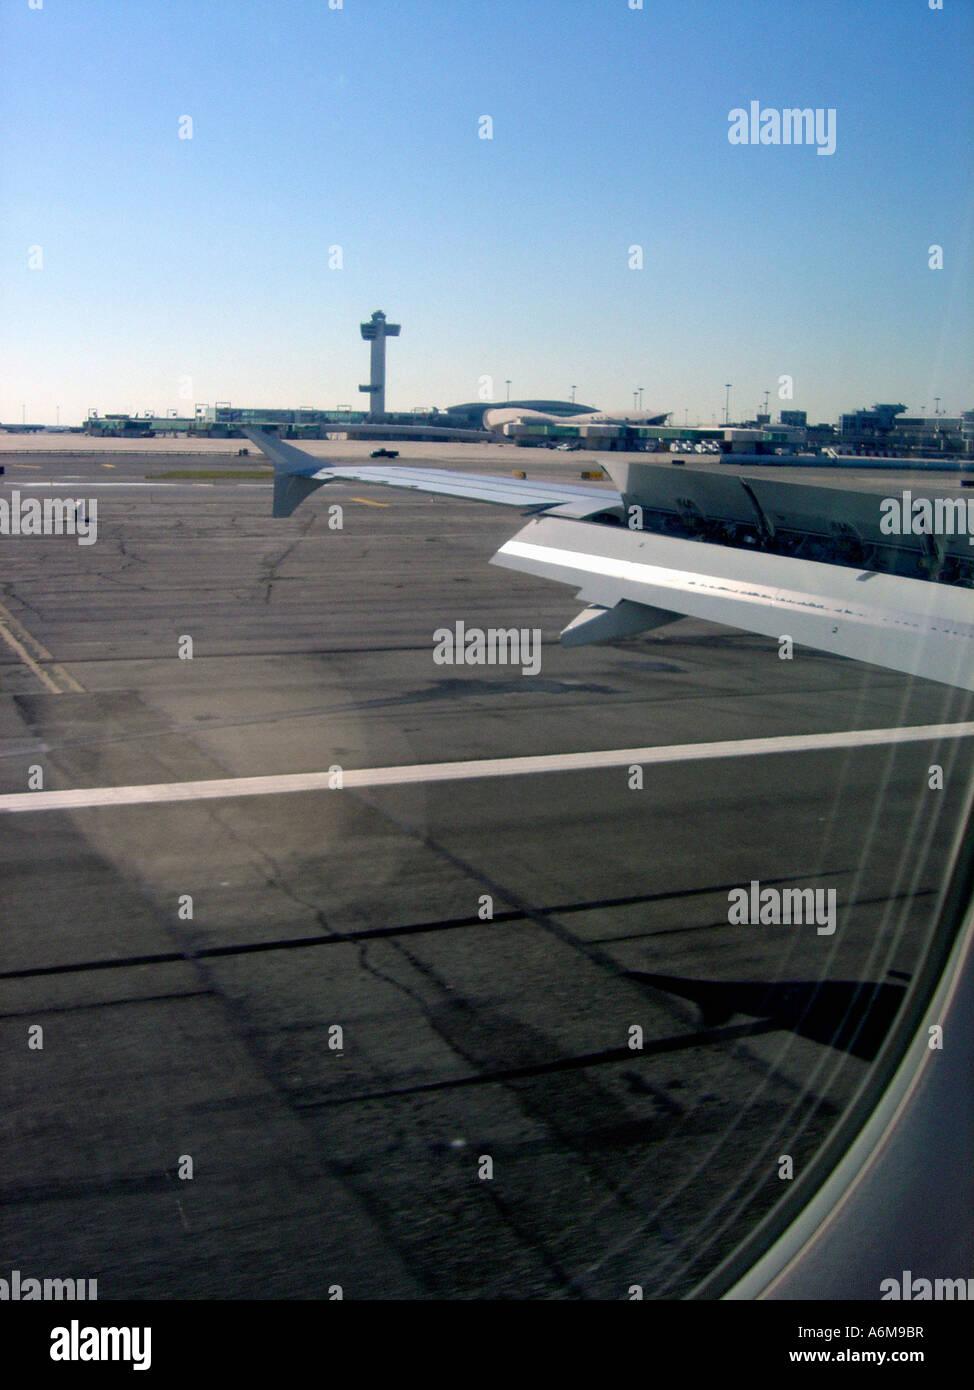 Aeroporto Jfk : John f kennedy aeroporto jfk di new york con il controllo del